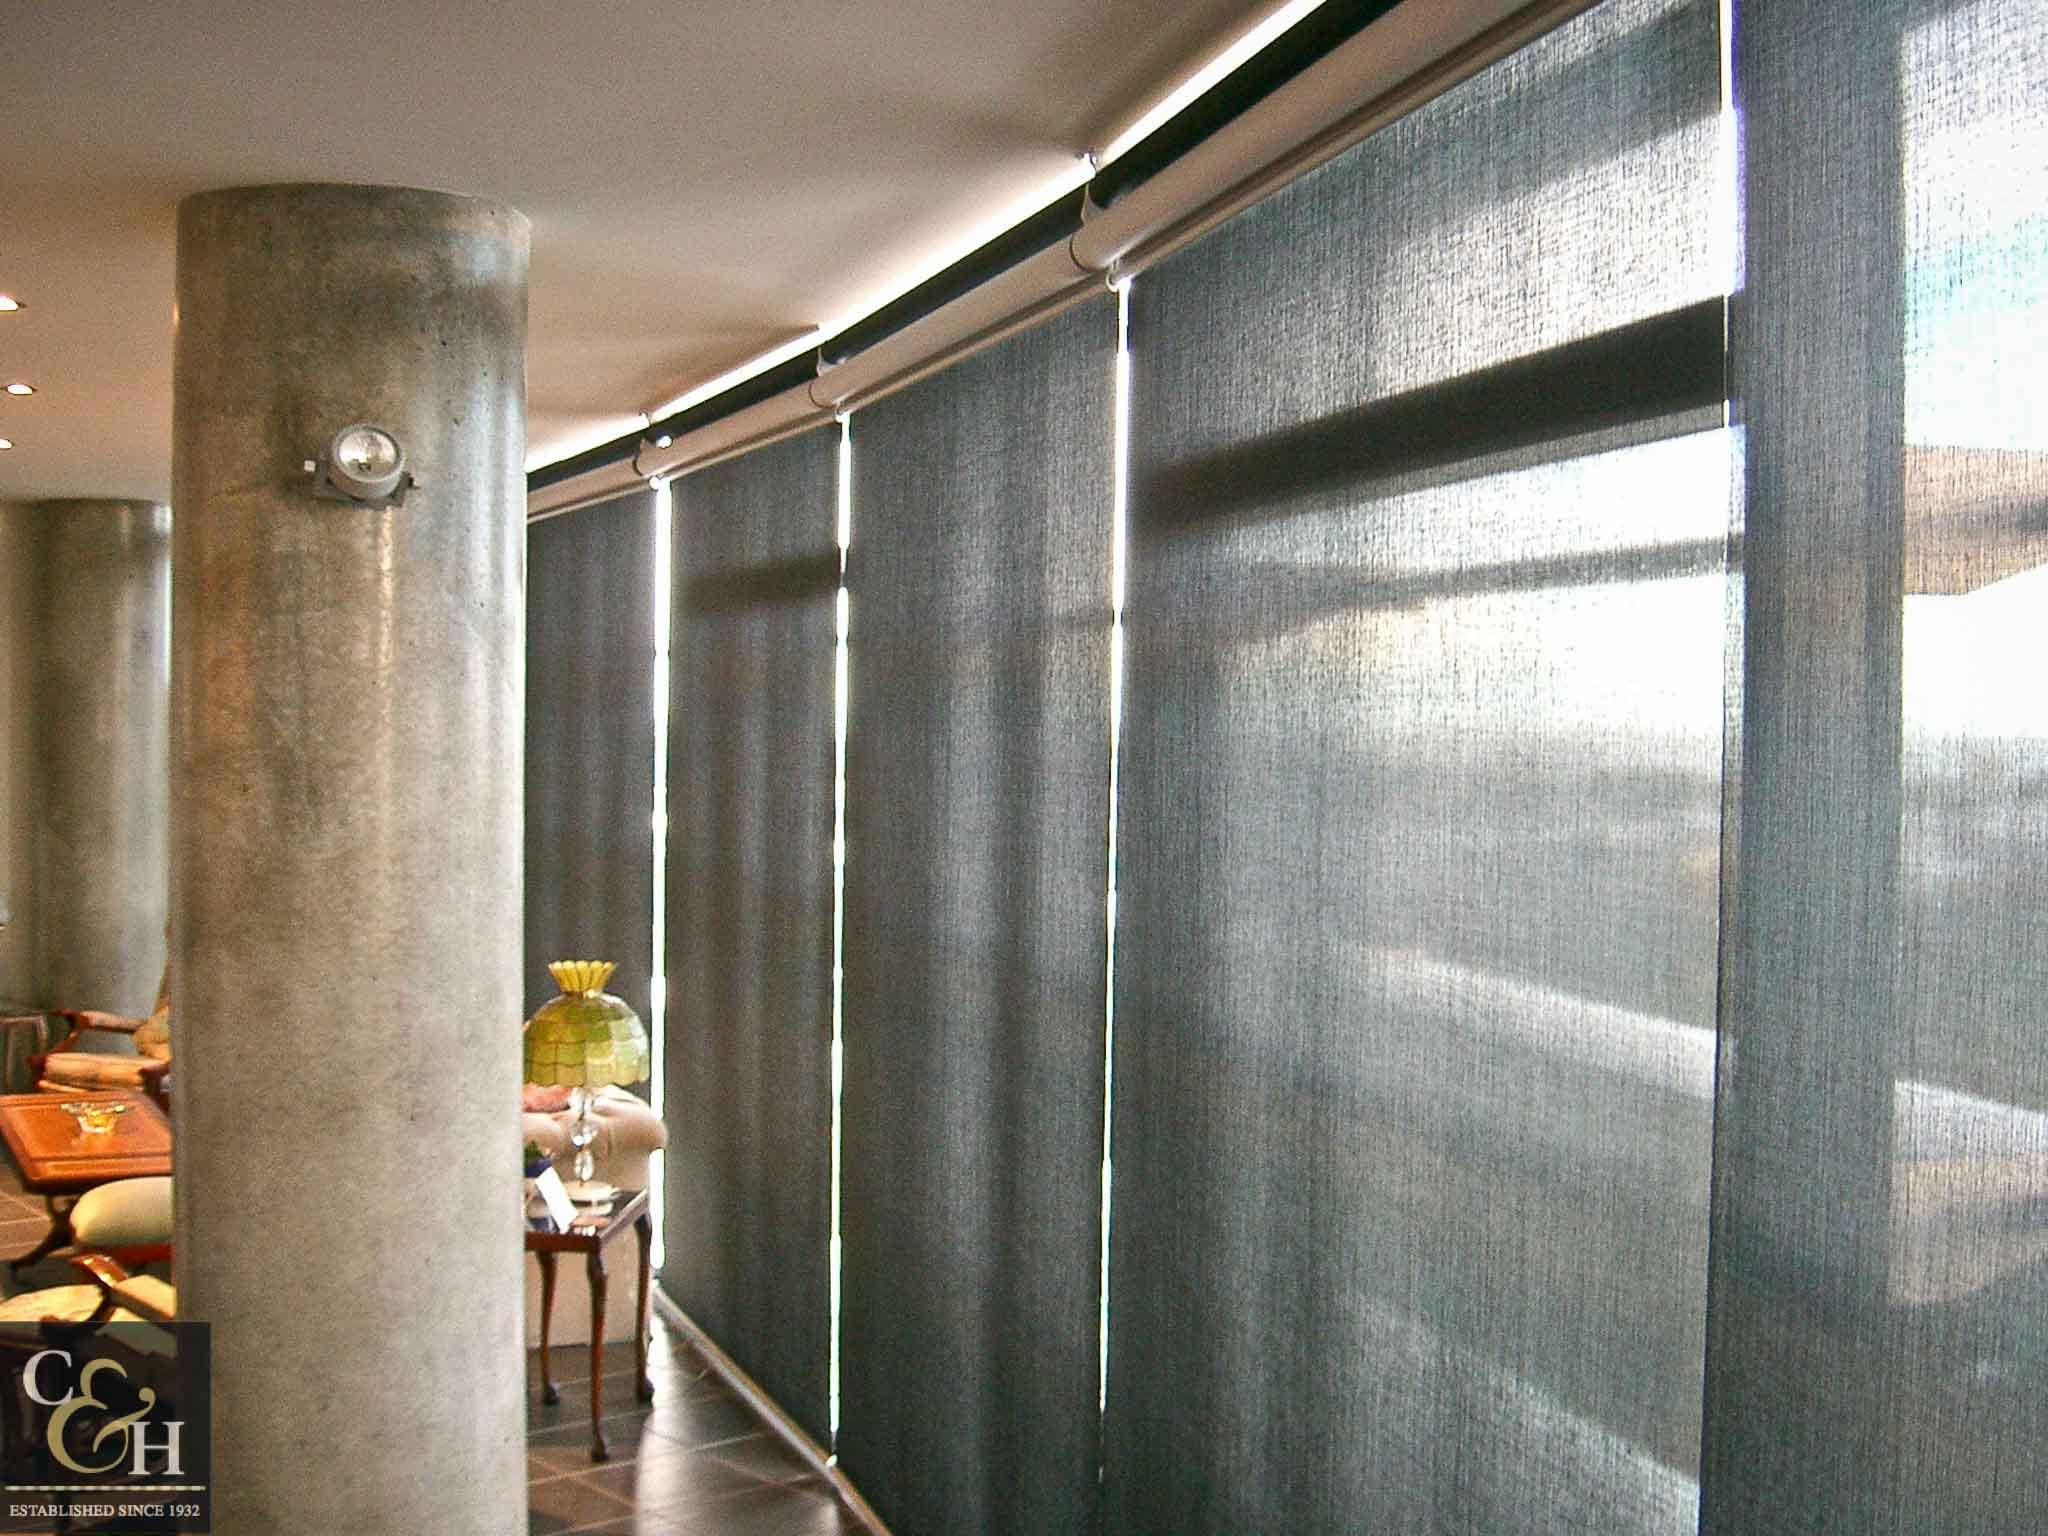 Dual-Roller-Blinds-3.1 inside an apartment